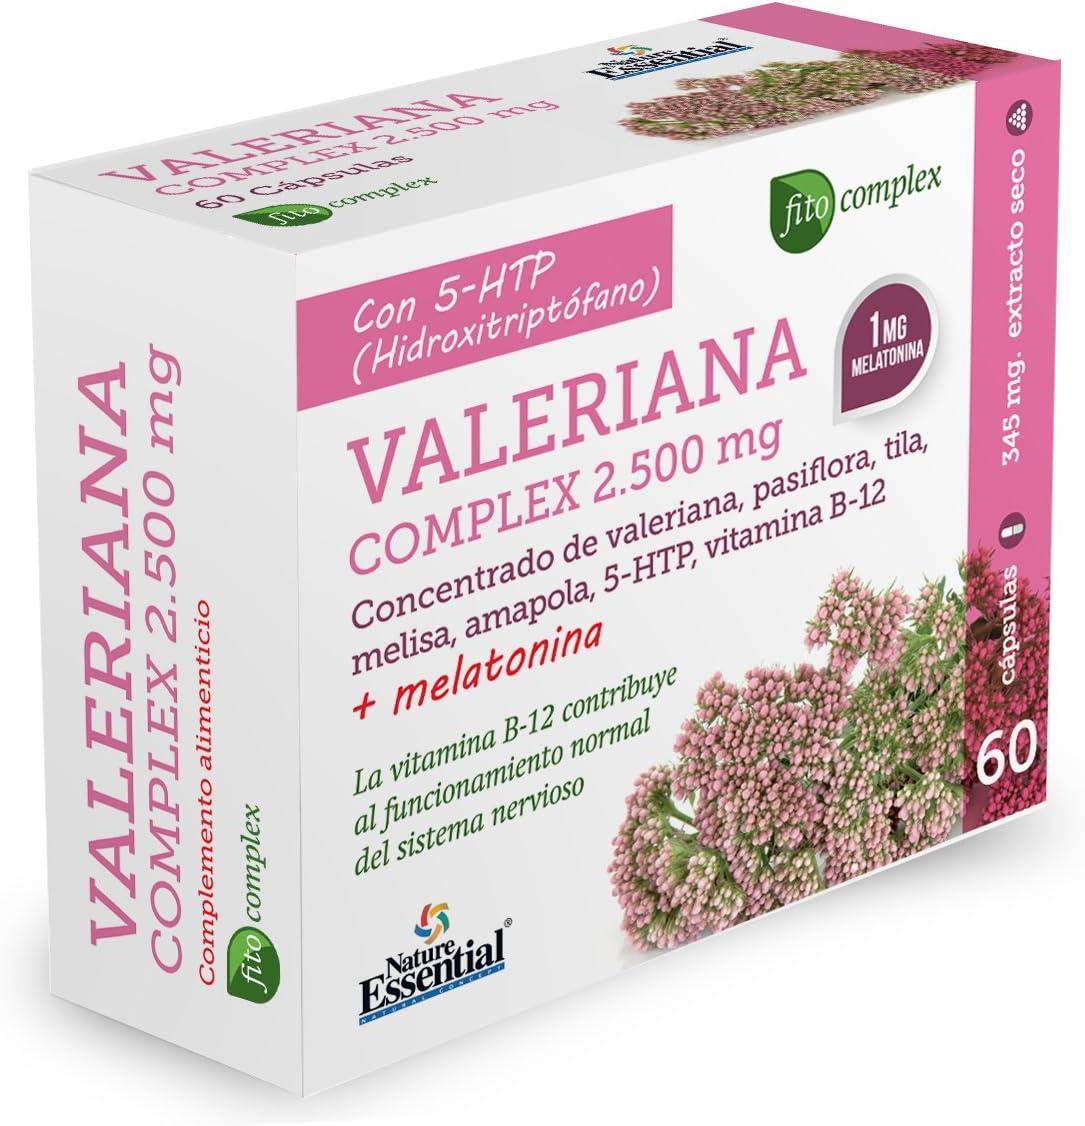 Valeriana (complex) 2740 mg. (ext. seco) 60 capsulas: Amazon.es: Salud y cuidado personal